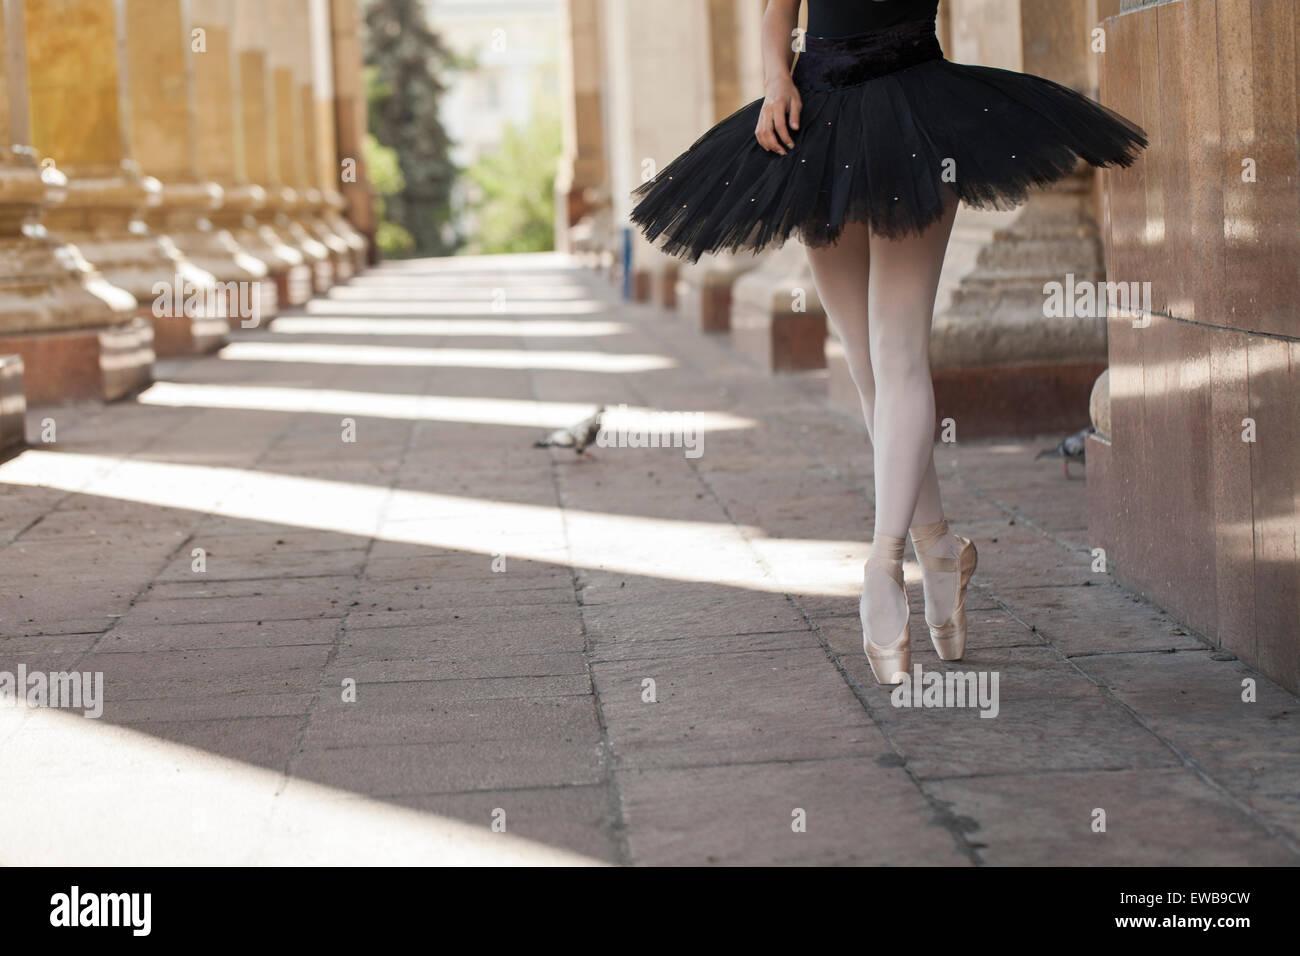 Ballerine fille appartements debout sur la pointe des pieds Photo Stock